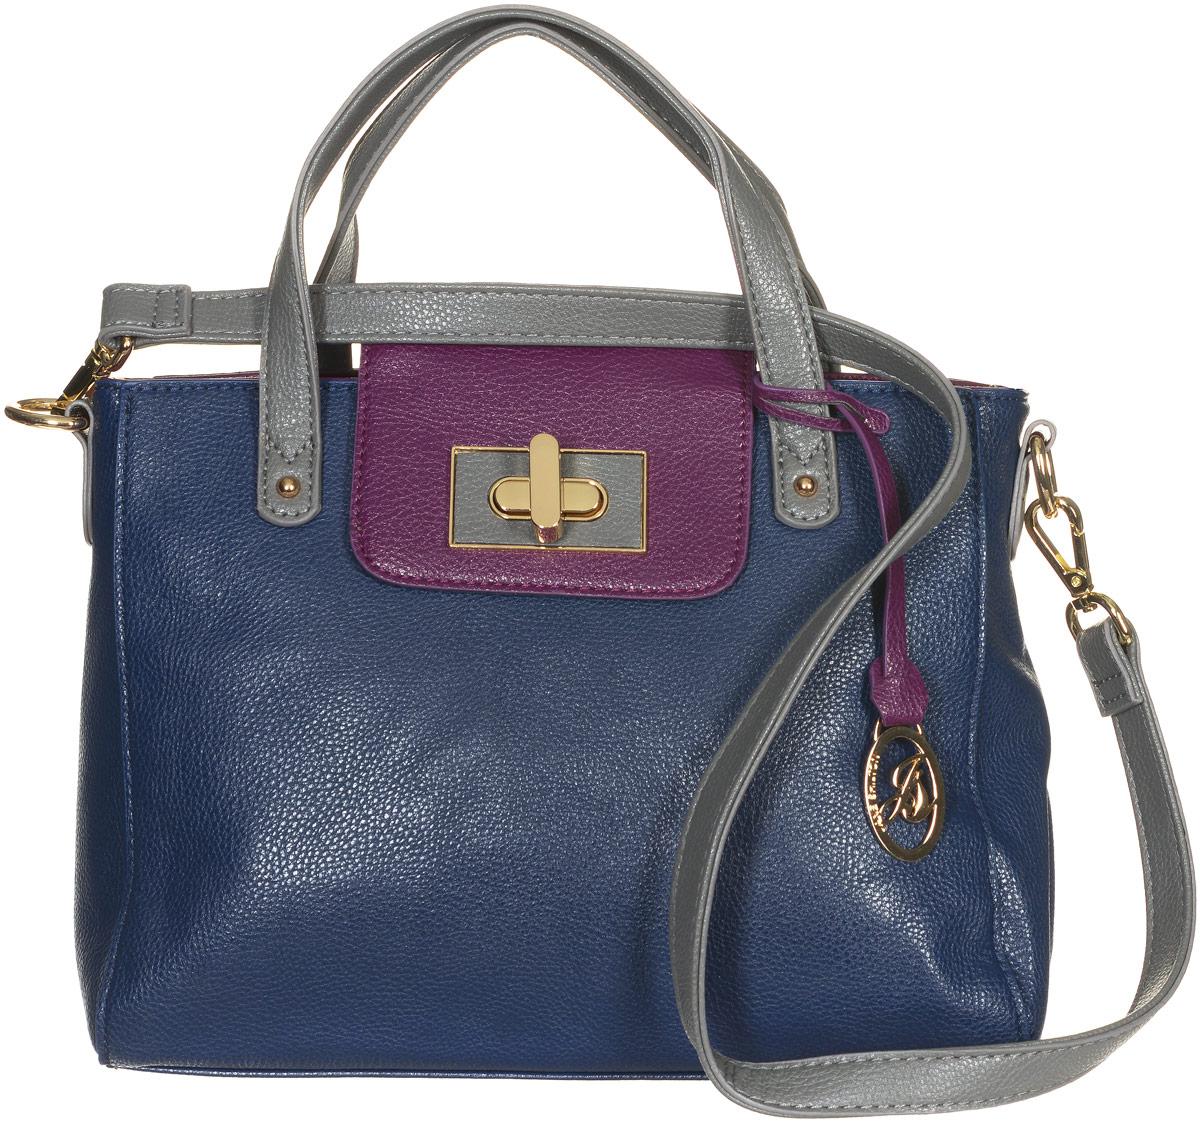 Сумка женская Jane Shilton, цвет: темно-синий, пурпурный. 213871069с-2Стильная сумка Jane Shilton не оставит вас равнодушной благодаря своему дизайну и практичности. Она изготовлена из качественной искусственной кожи зернистой текстуры. На тыльной стороне расположен удобный вшитый карман на молнии. Сумка оснащена удобными ручками, которые оформлены металлической фирменной подвеской. Также сумка дополнена съемным плечевым ремнем, который фиксируется с помощью замков-карабинов. Изделие закрывается на удобную молнию. Внутри расположено одно главное отделение на молнии, которое разделяет карман-средник на молнии. Также внутри расположен один открытый накладной карман для телефона и один вшитый карман на молнии для мелочей. Такая модная и практичная сумка завершит ваш образ и станет незаменимым аксессуаром в вашем гардеробе.